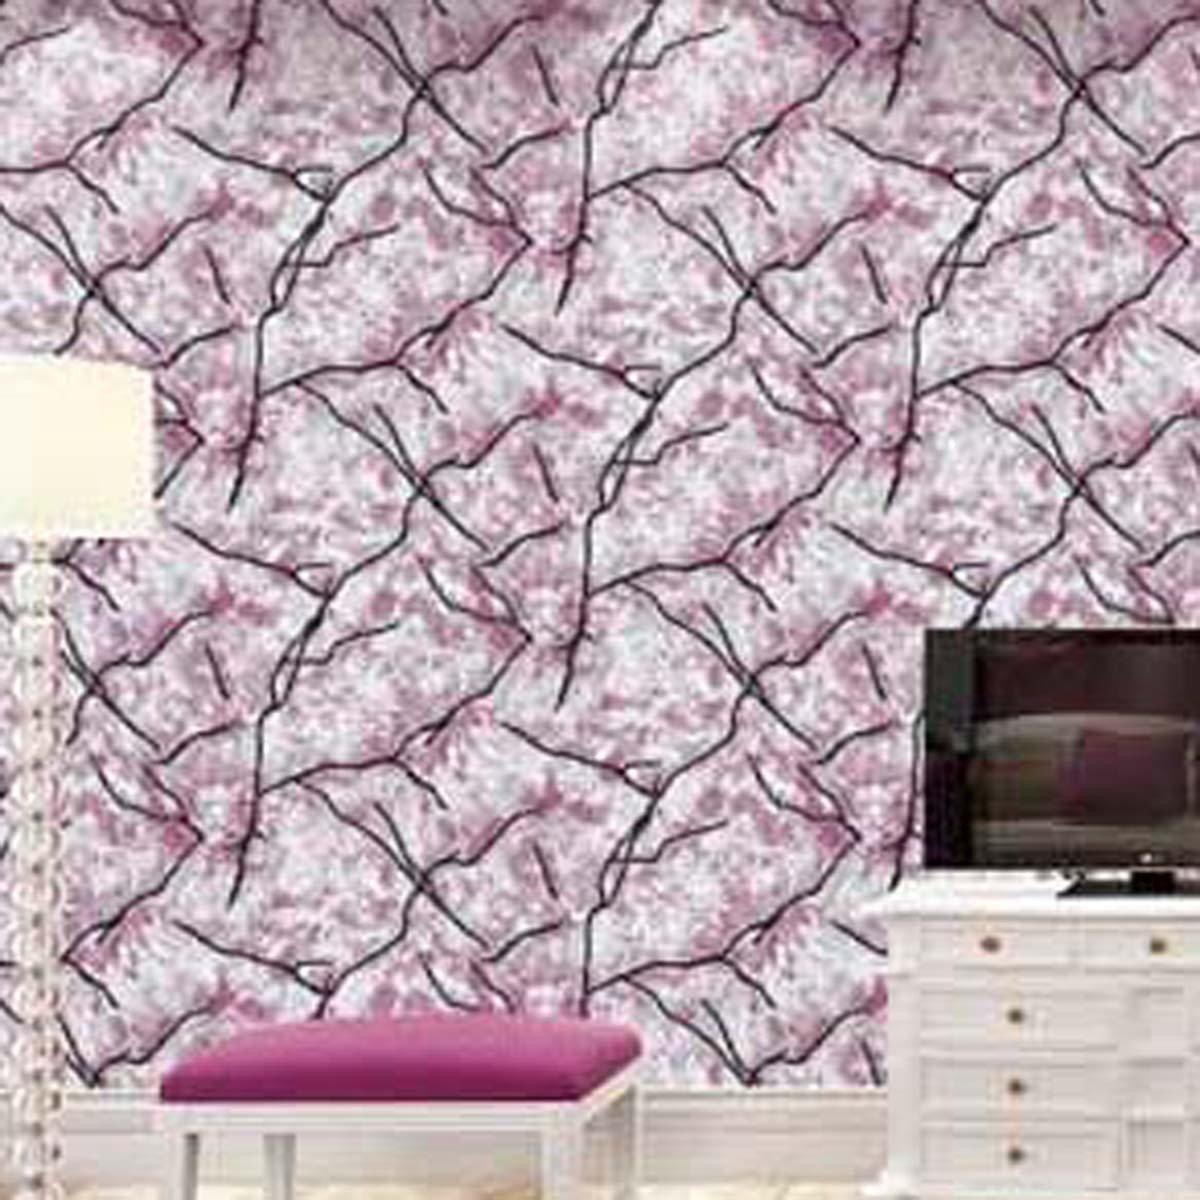 特価 3dの壁紙モダンなミニマリスト3次元のストライプdeerskin不織布